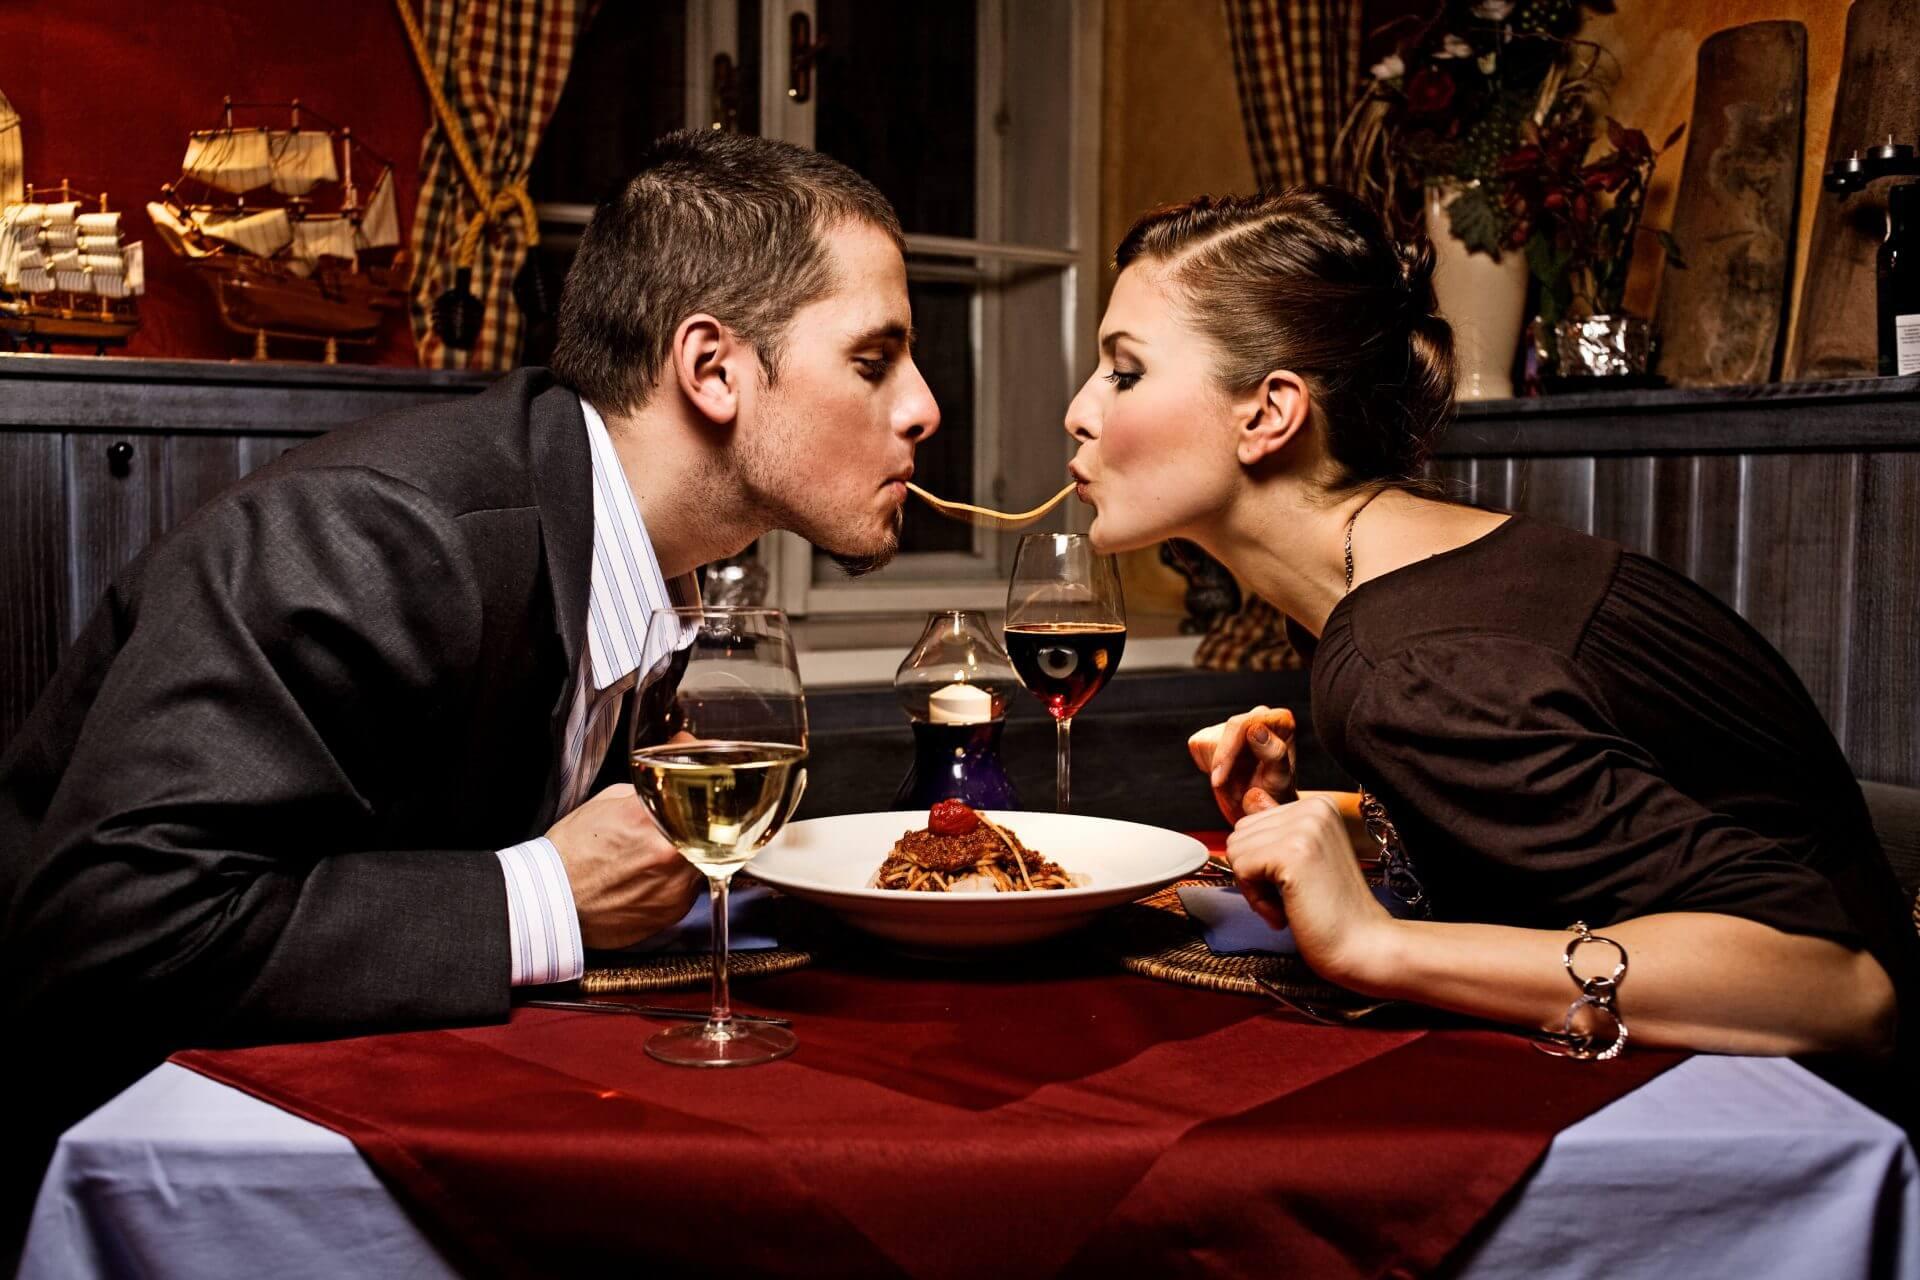 Cena romantica a casa consigli utili per organizzarla - Cena romantica in casa ...